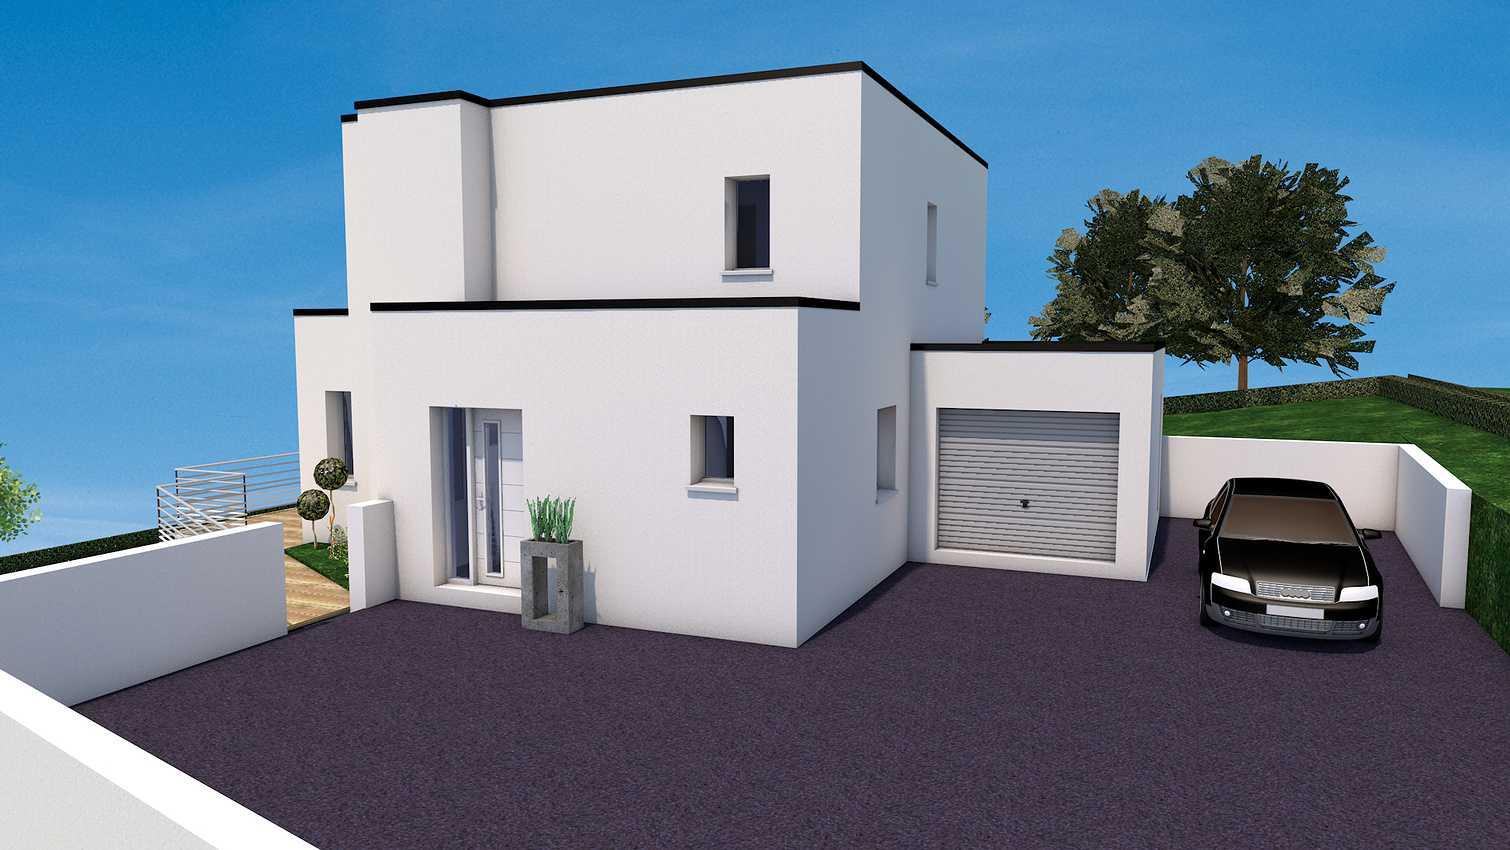 Projet de construction sur la commune de Saint-Carreuc 22150 presentation33